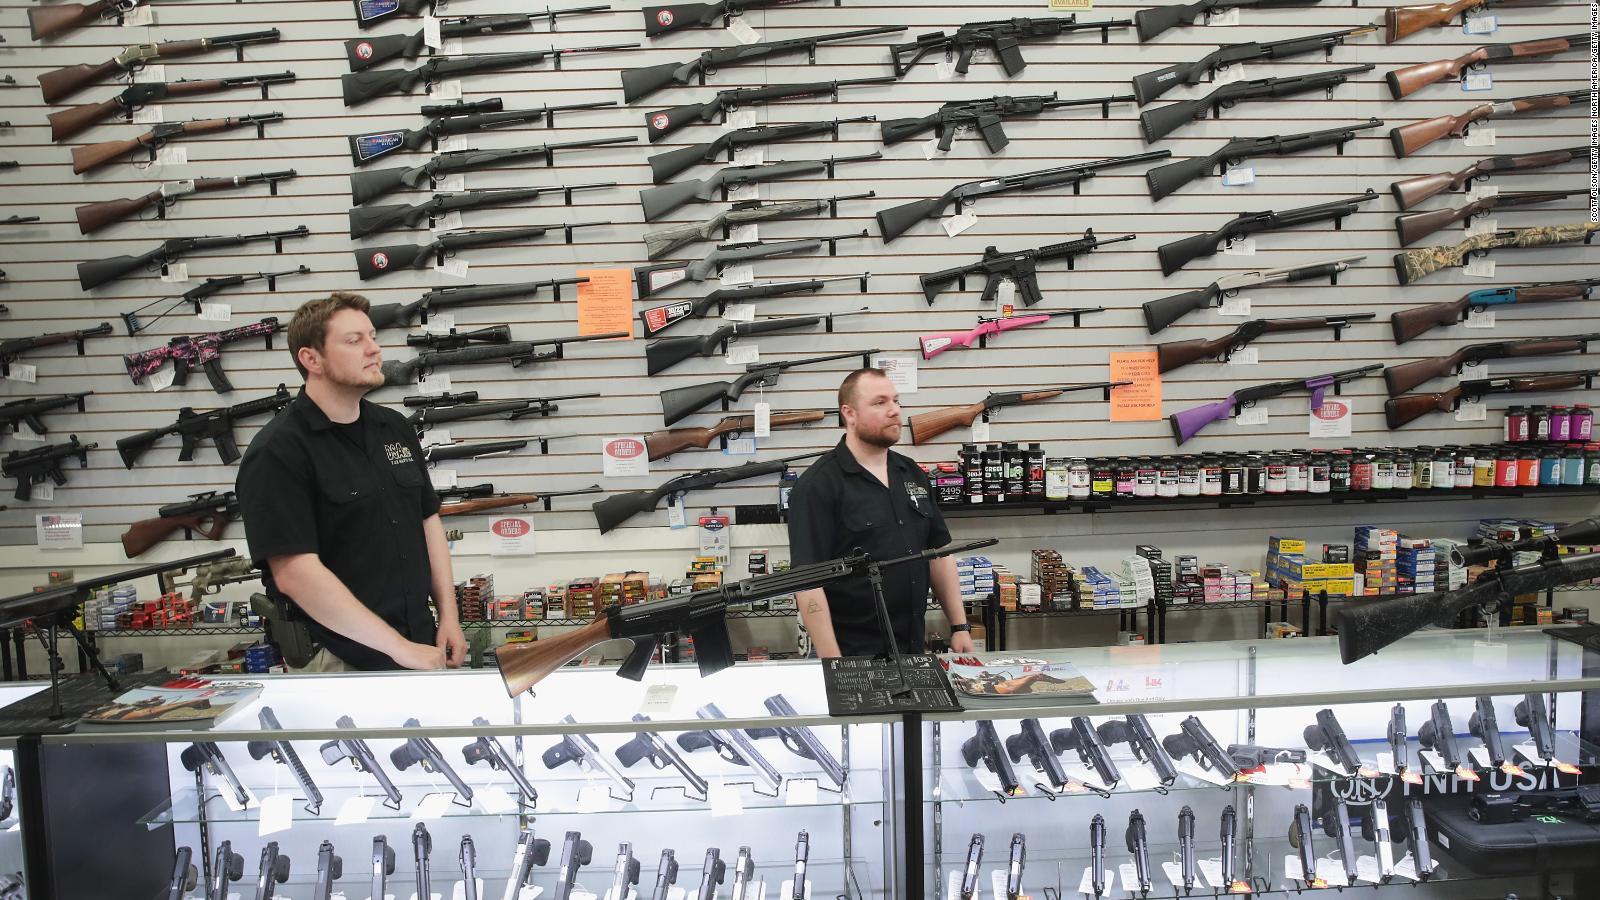 ¿El control de la venta de armas prevendría tragedias?